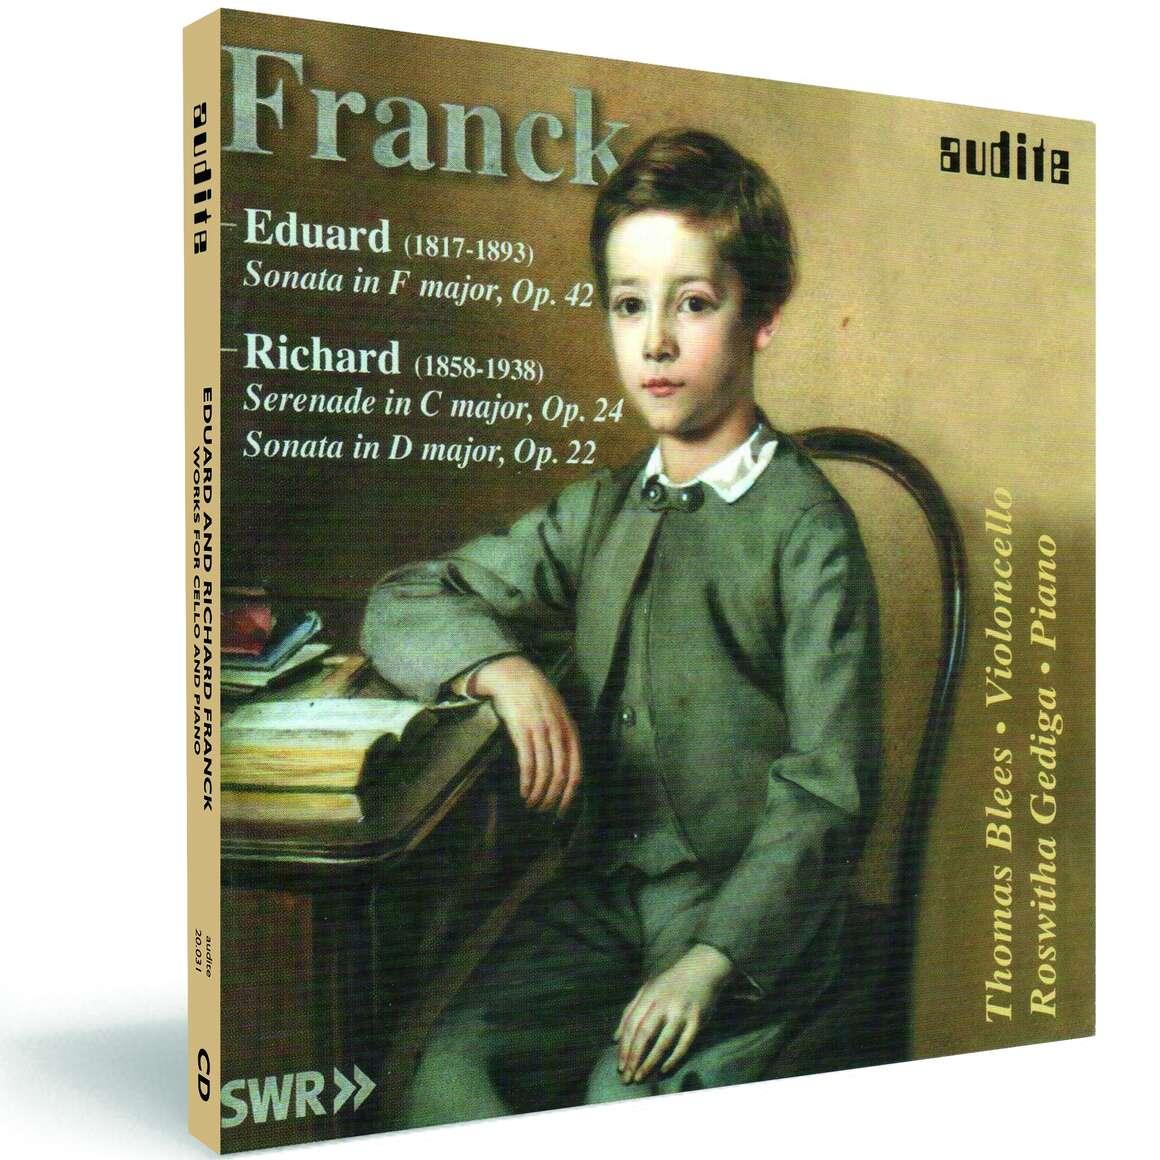 E. Franck & R. Franck: Works for Violoncello and Piano